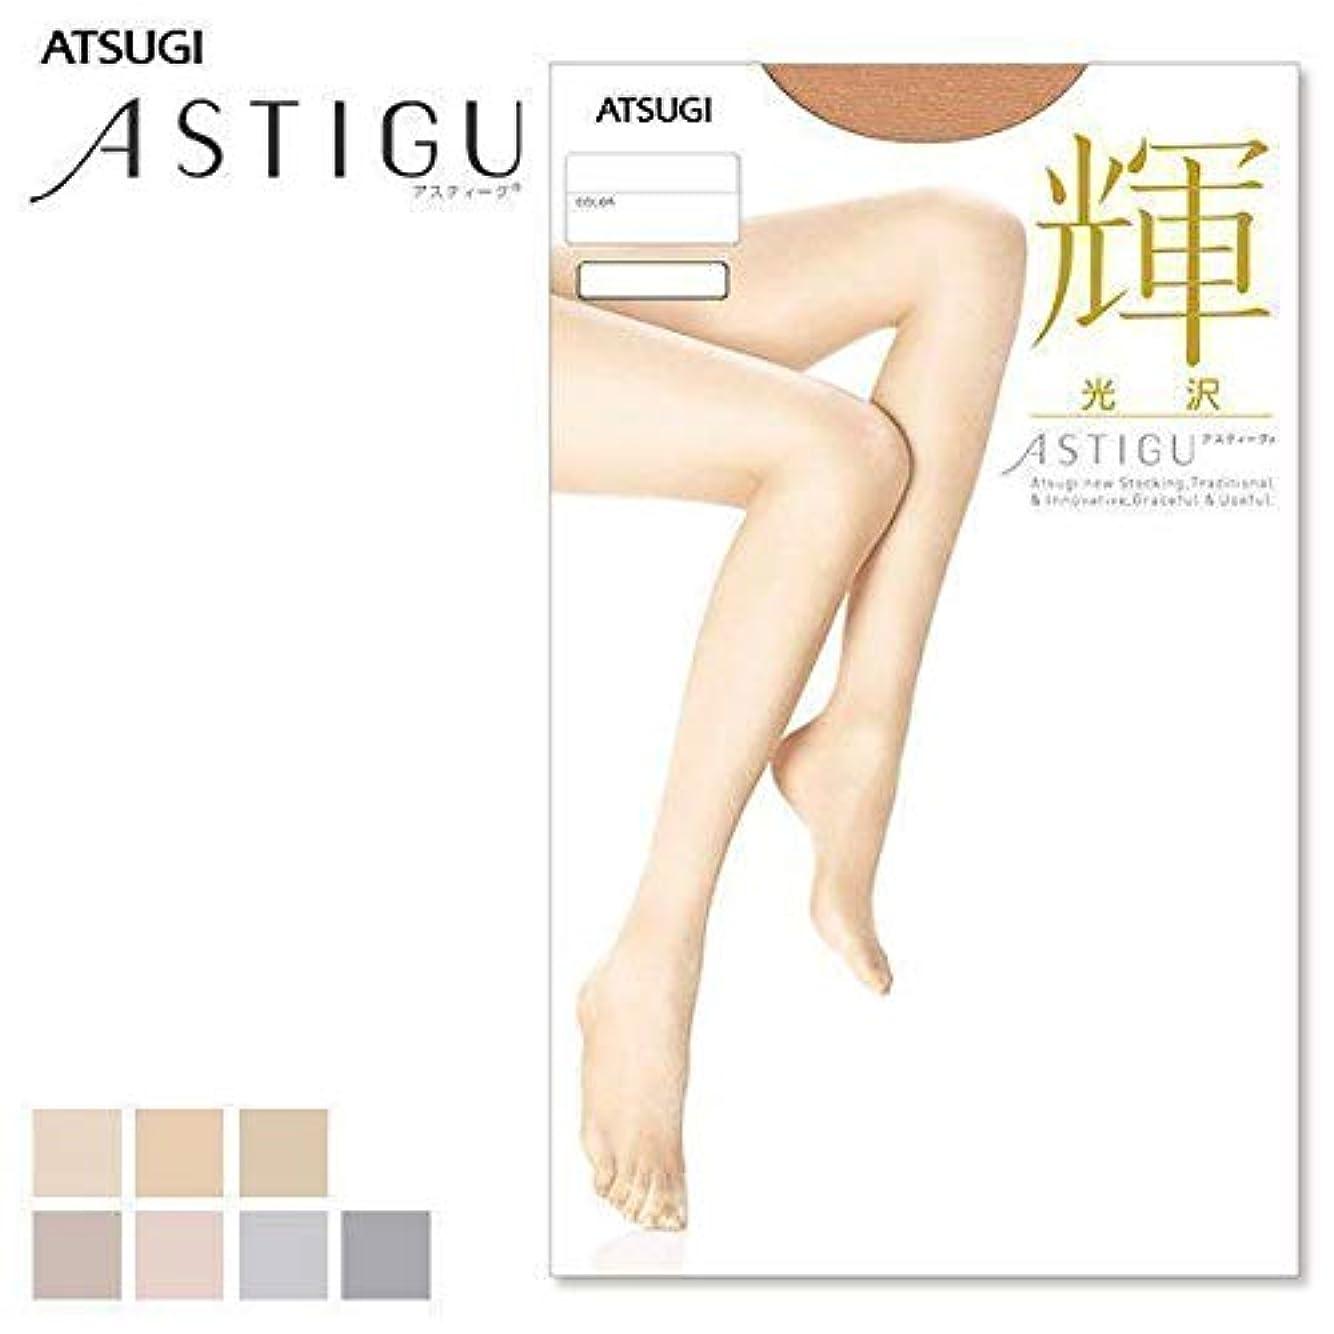 ベット一口パスポートアツギ ASTIGU(アスティーグ)輝(ベビーベージュ)サイズ M~L